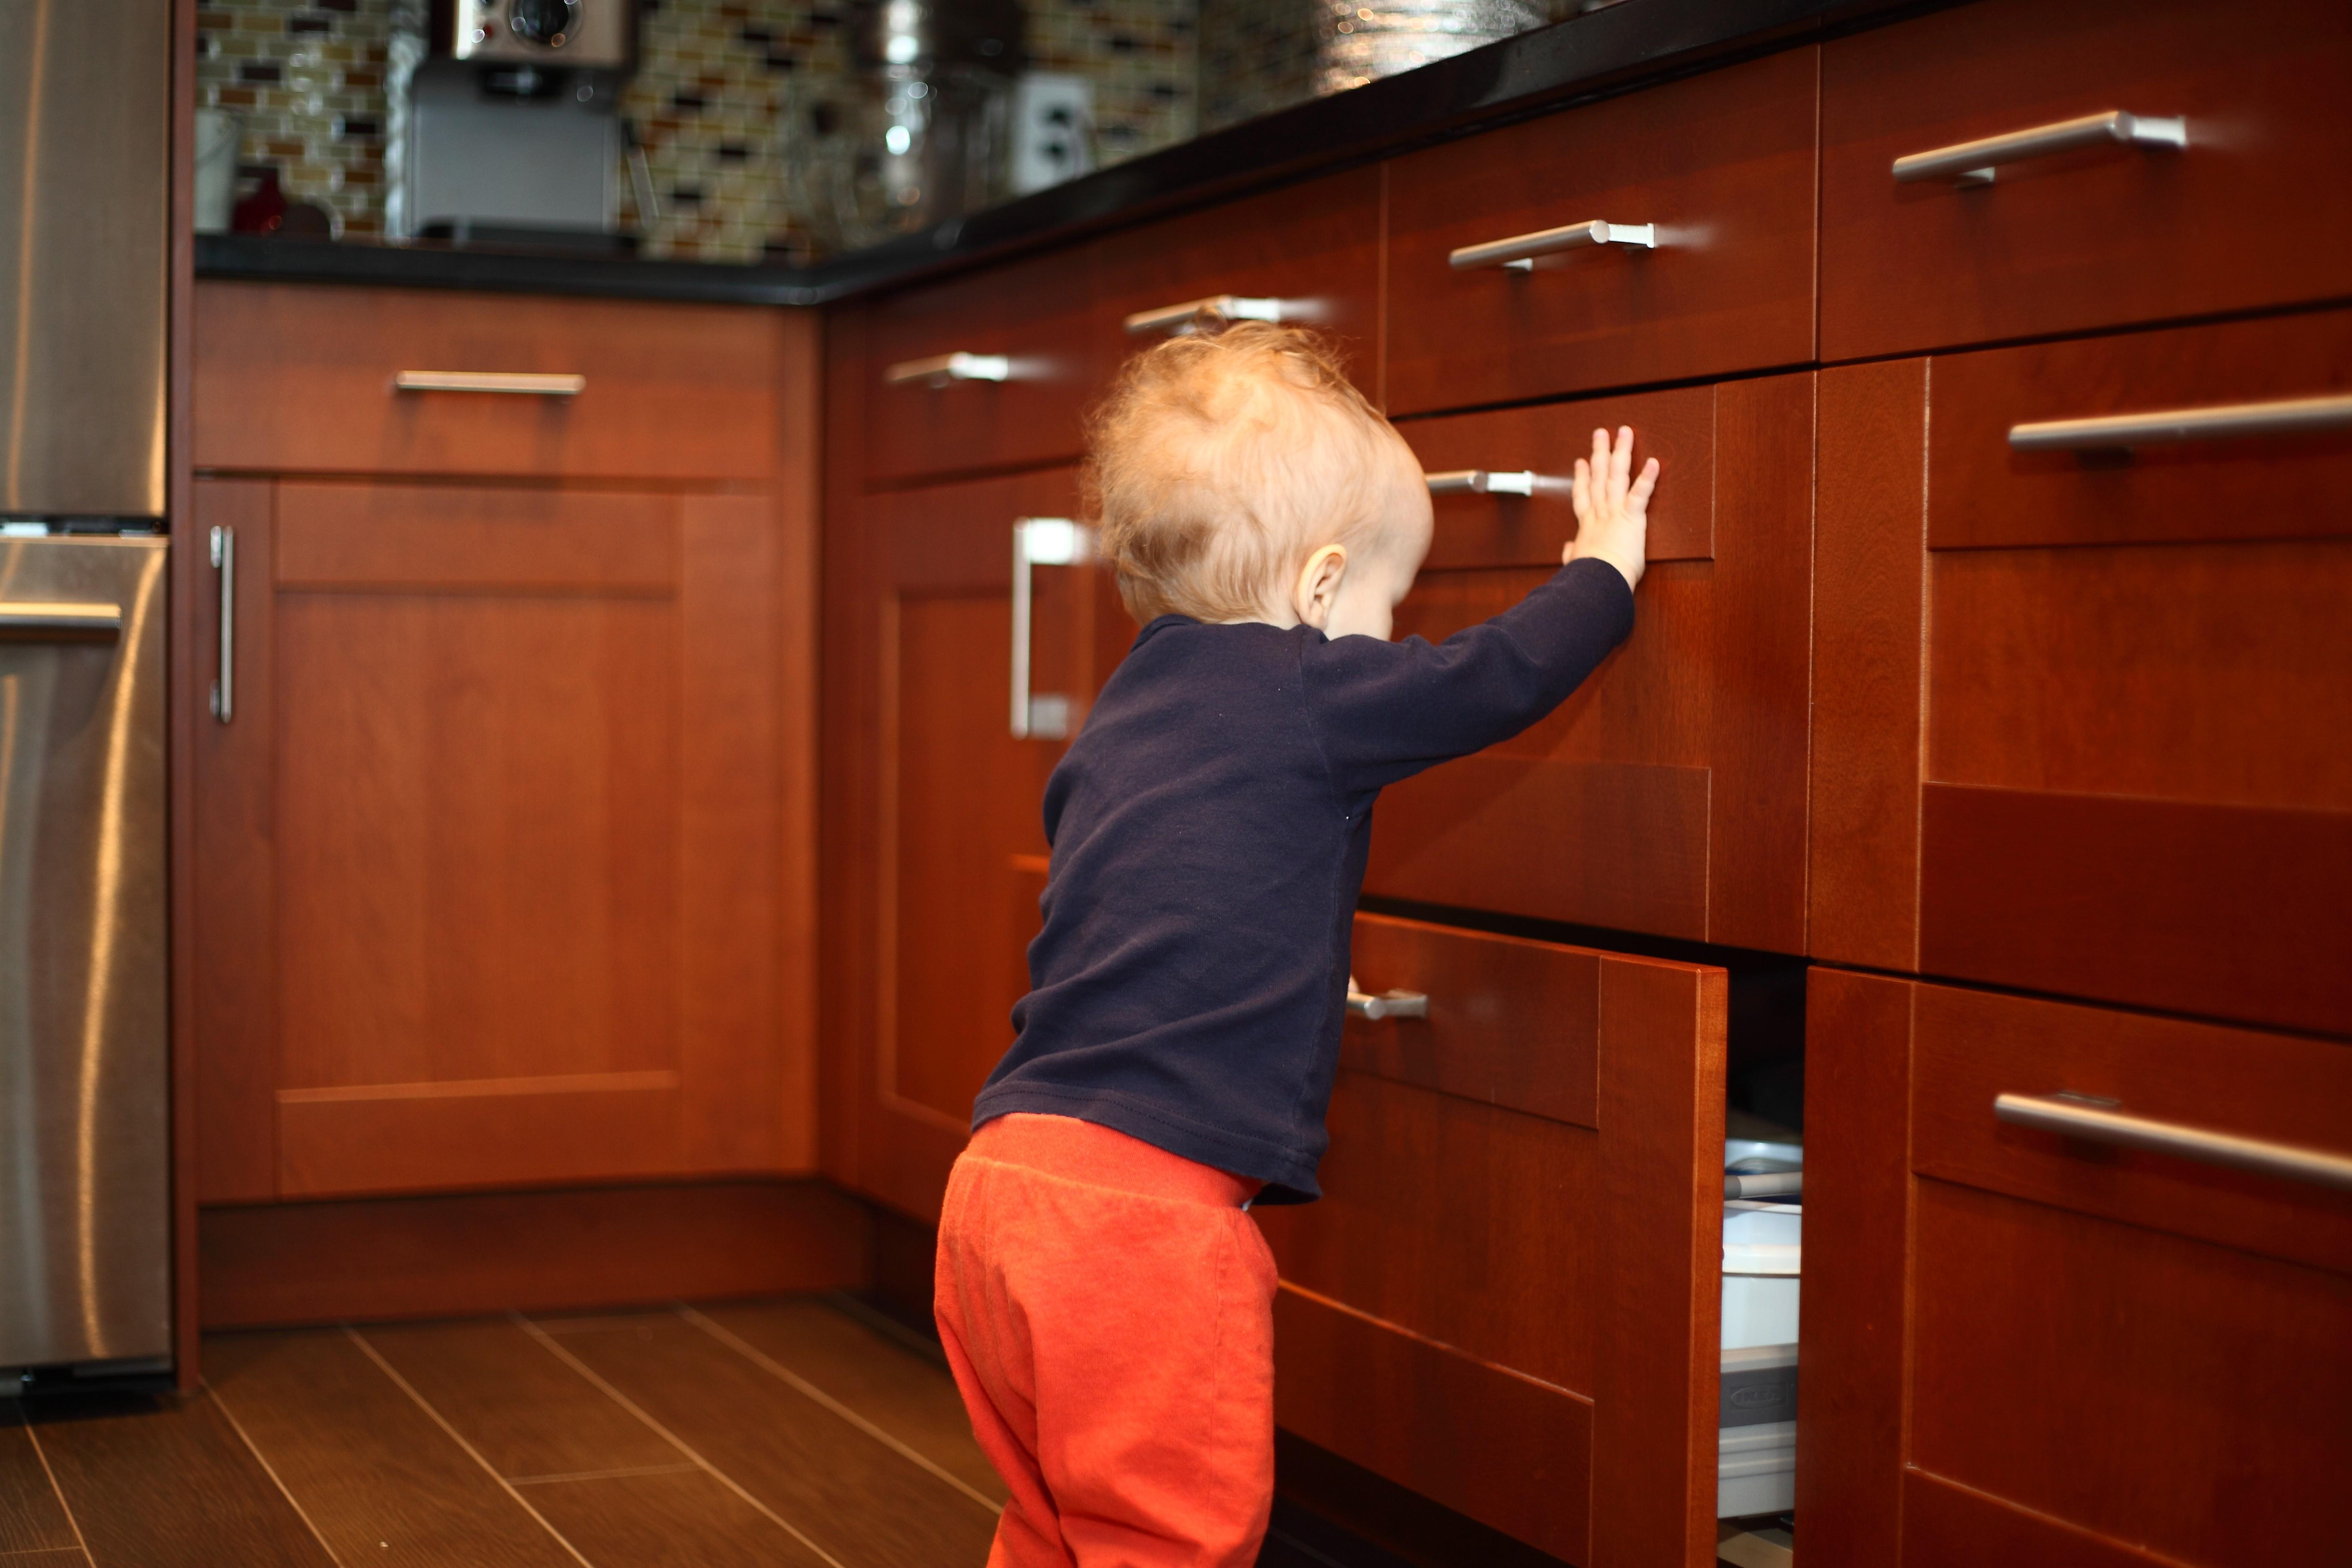 Com criança em casa, manter tudo em ordem também é uma questão de segurança (Foto: Thinkstock)